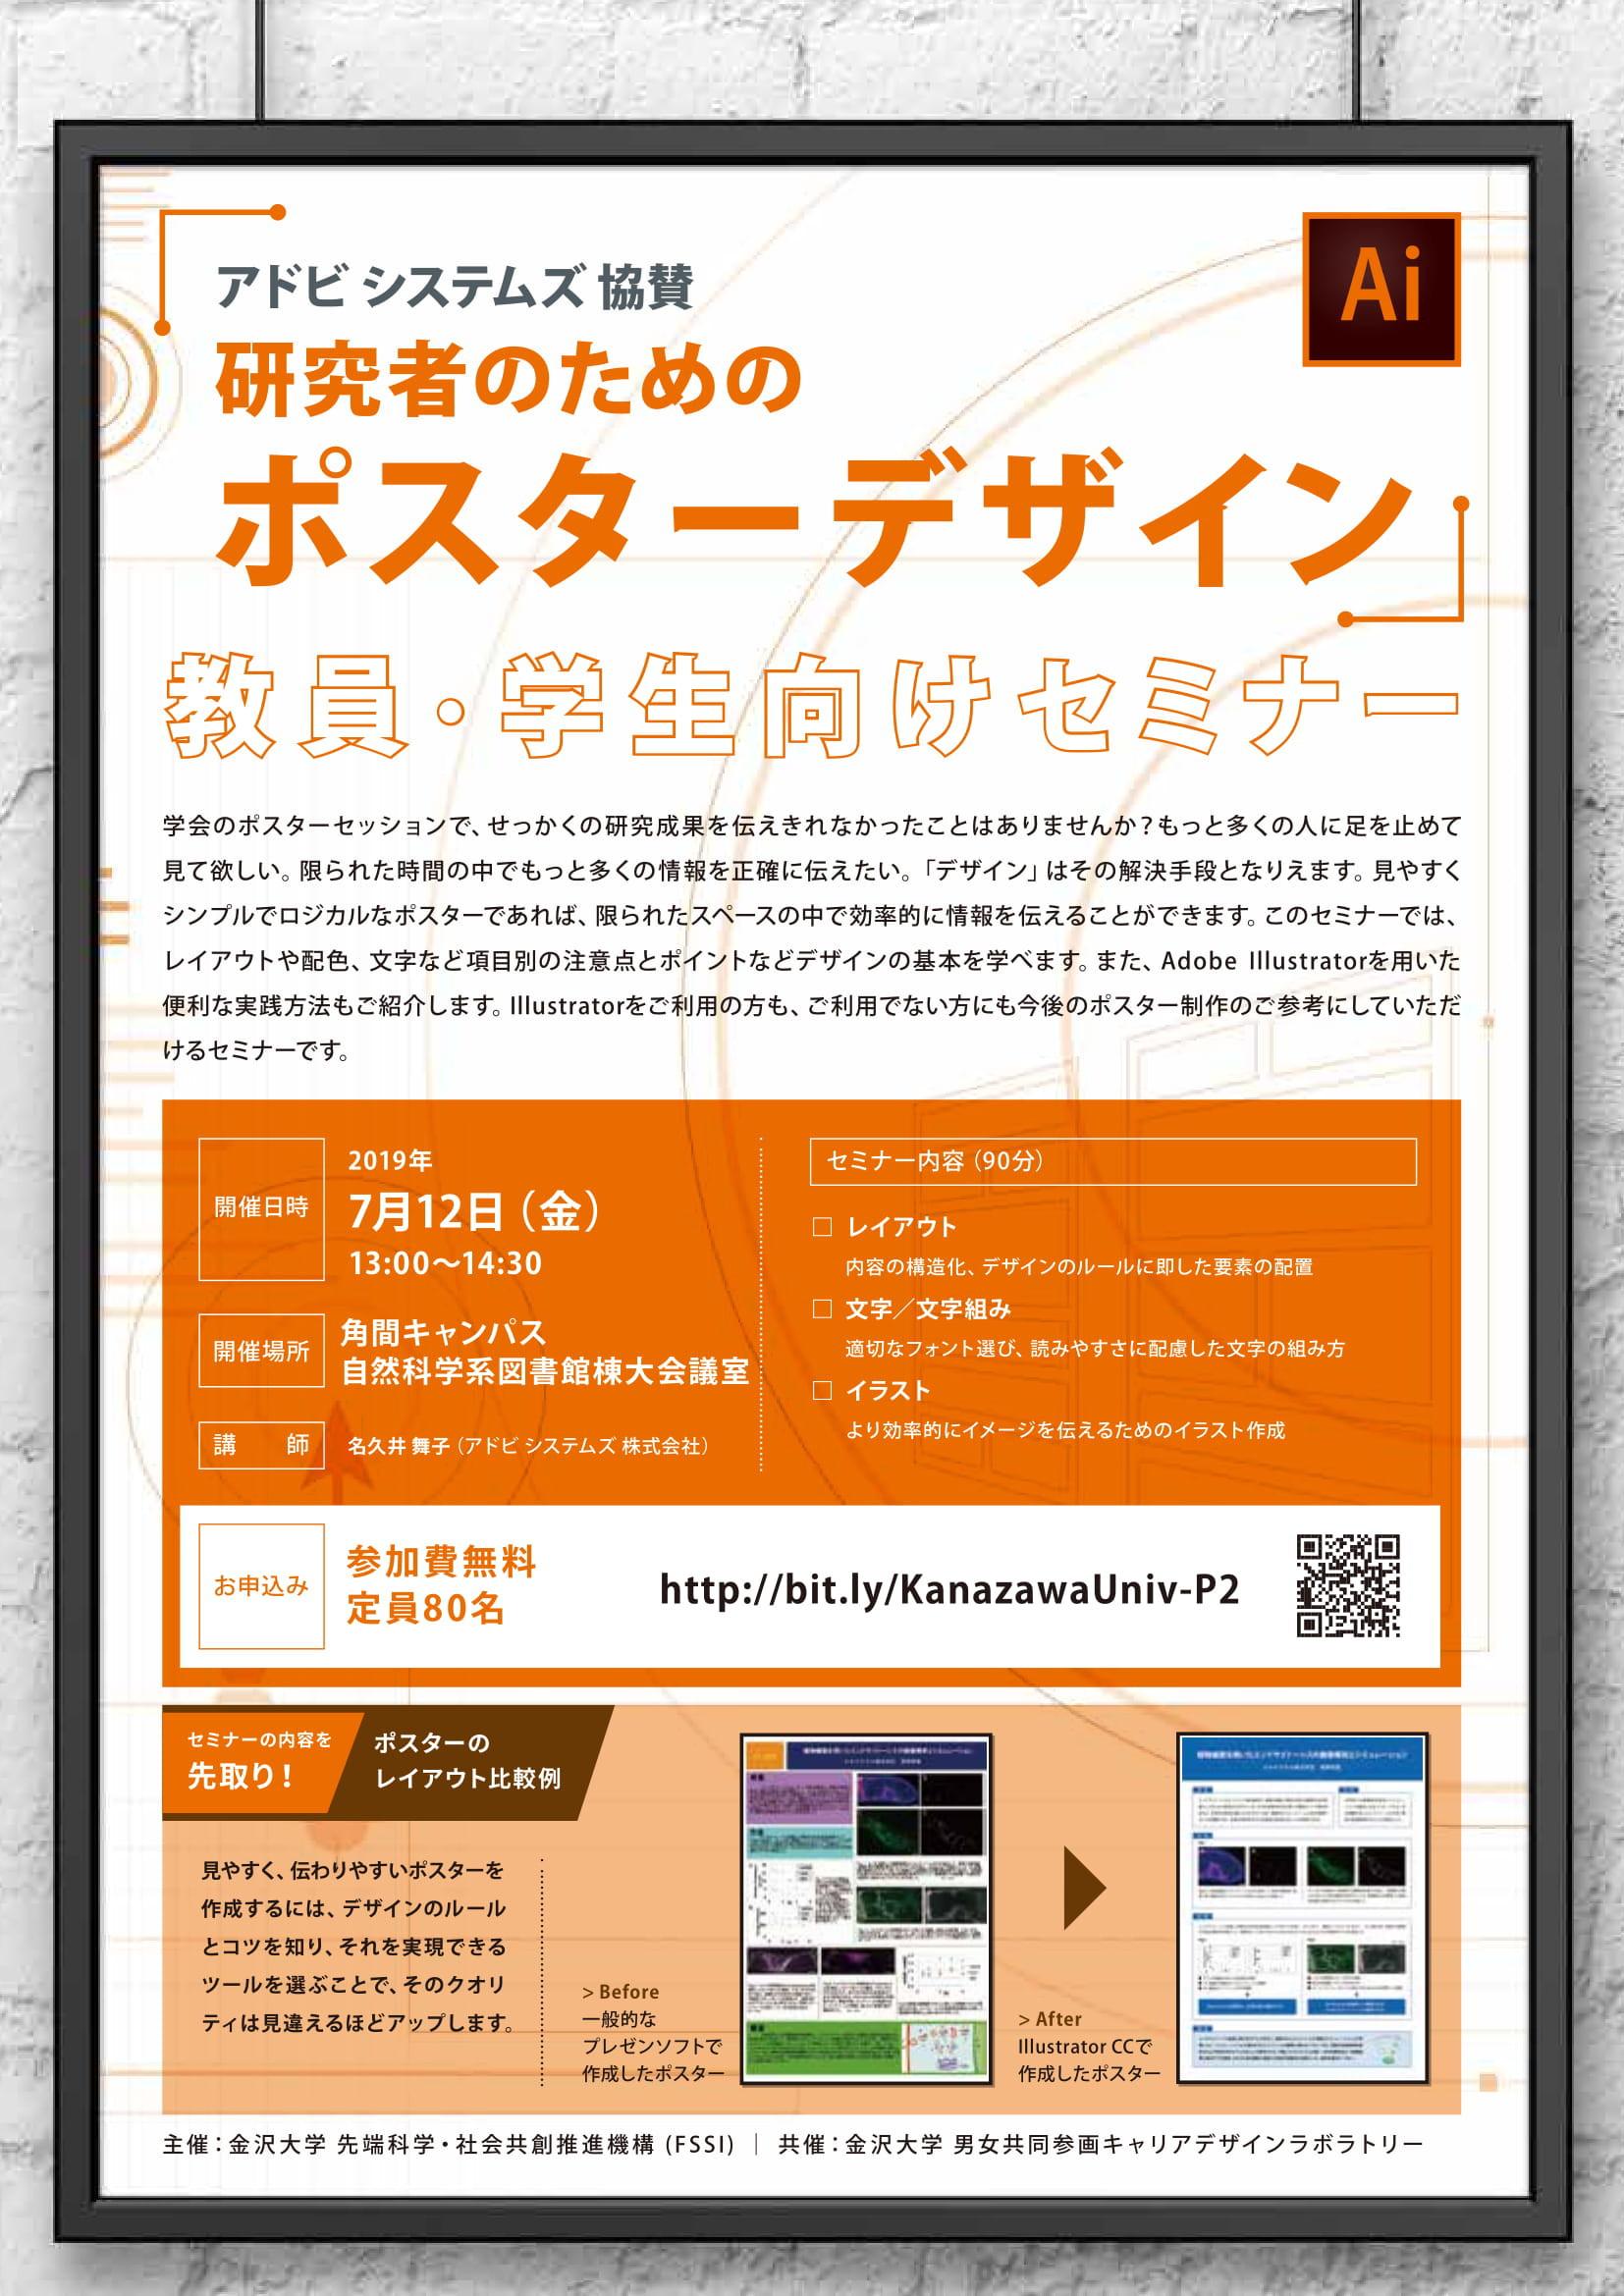 ai_seminar_flyer_.jpg